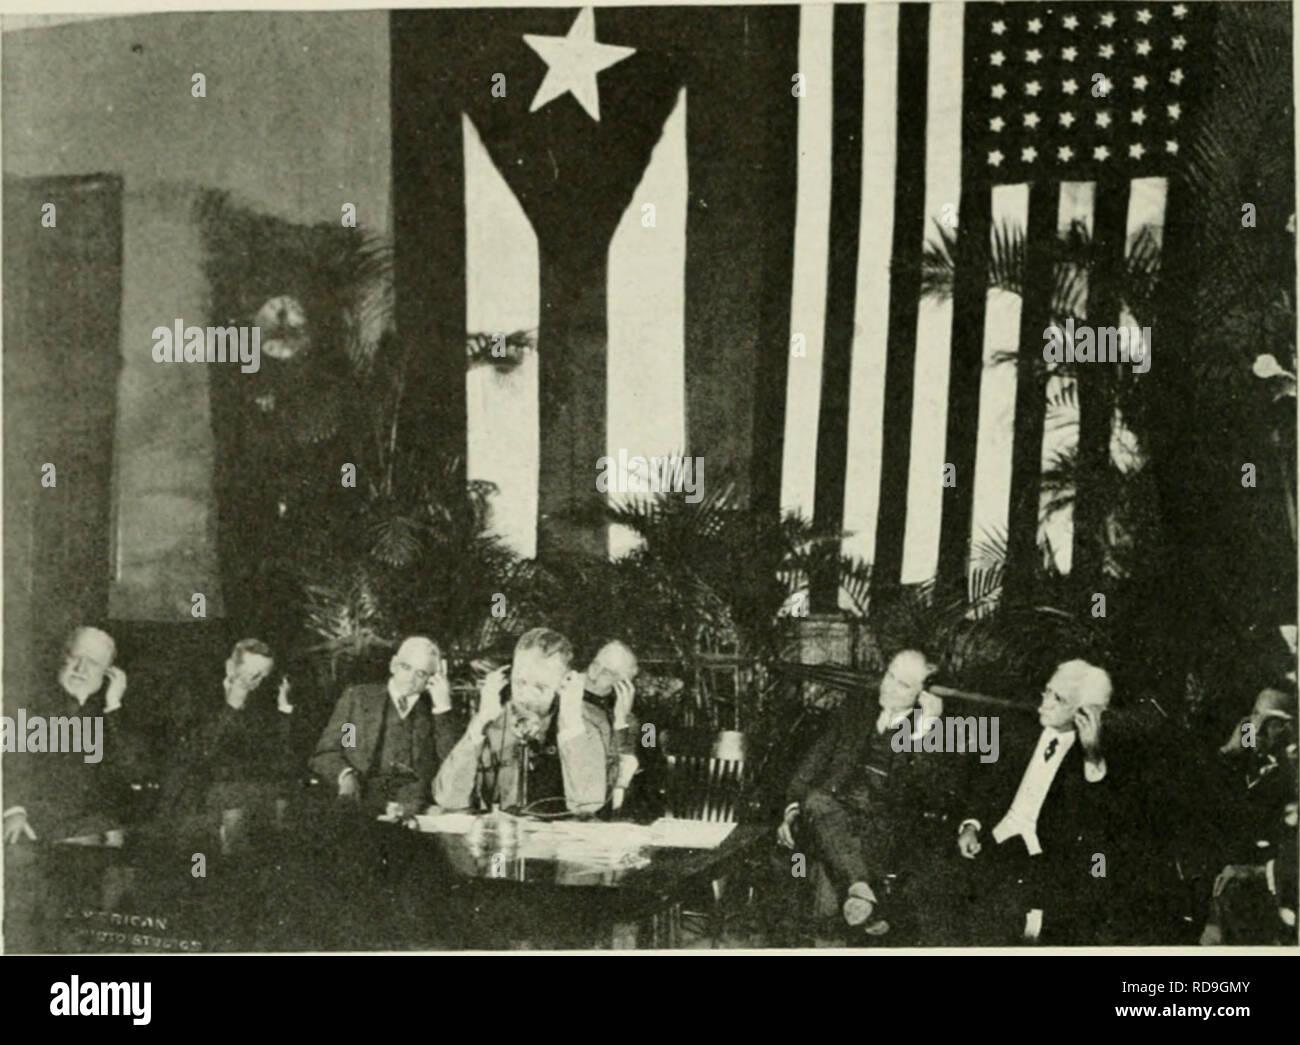 The Cuba review  1(5 THE v v n A li E r 11: iv  Pli